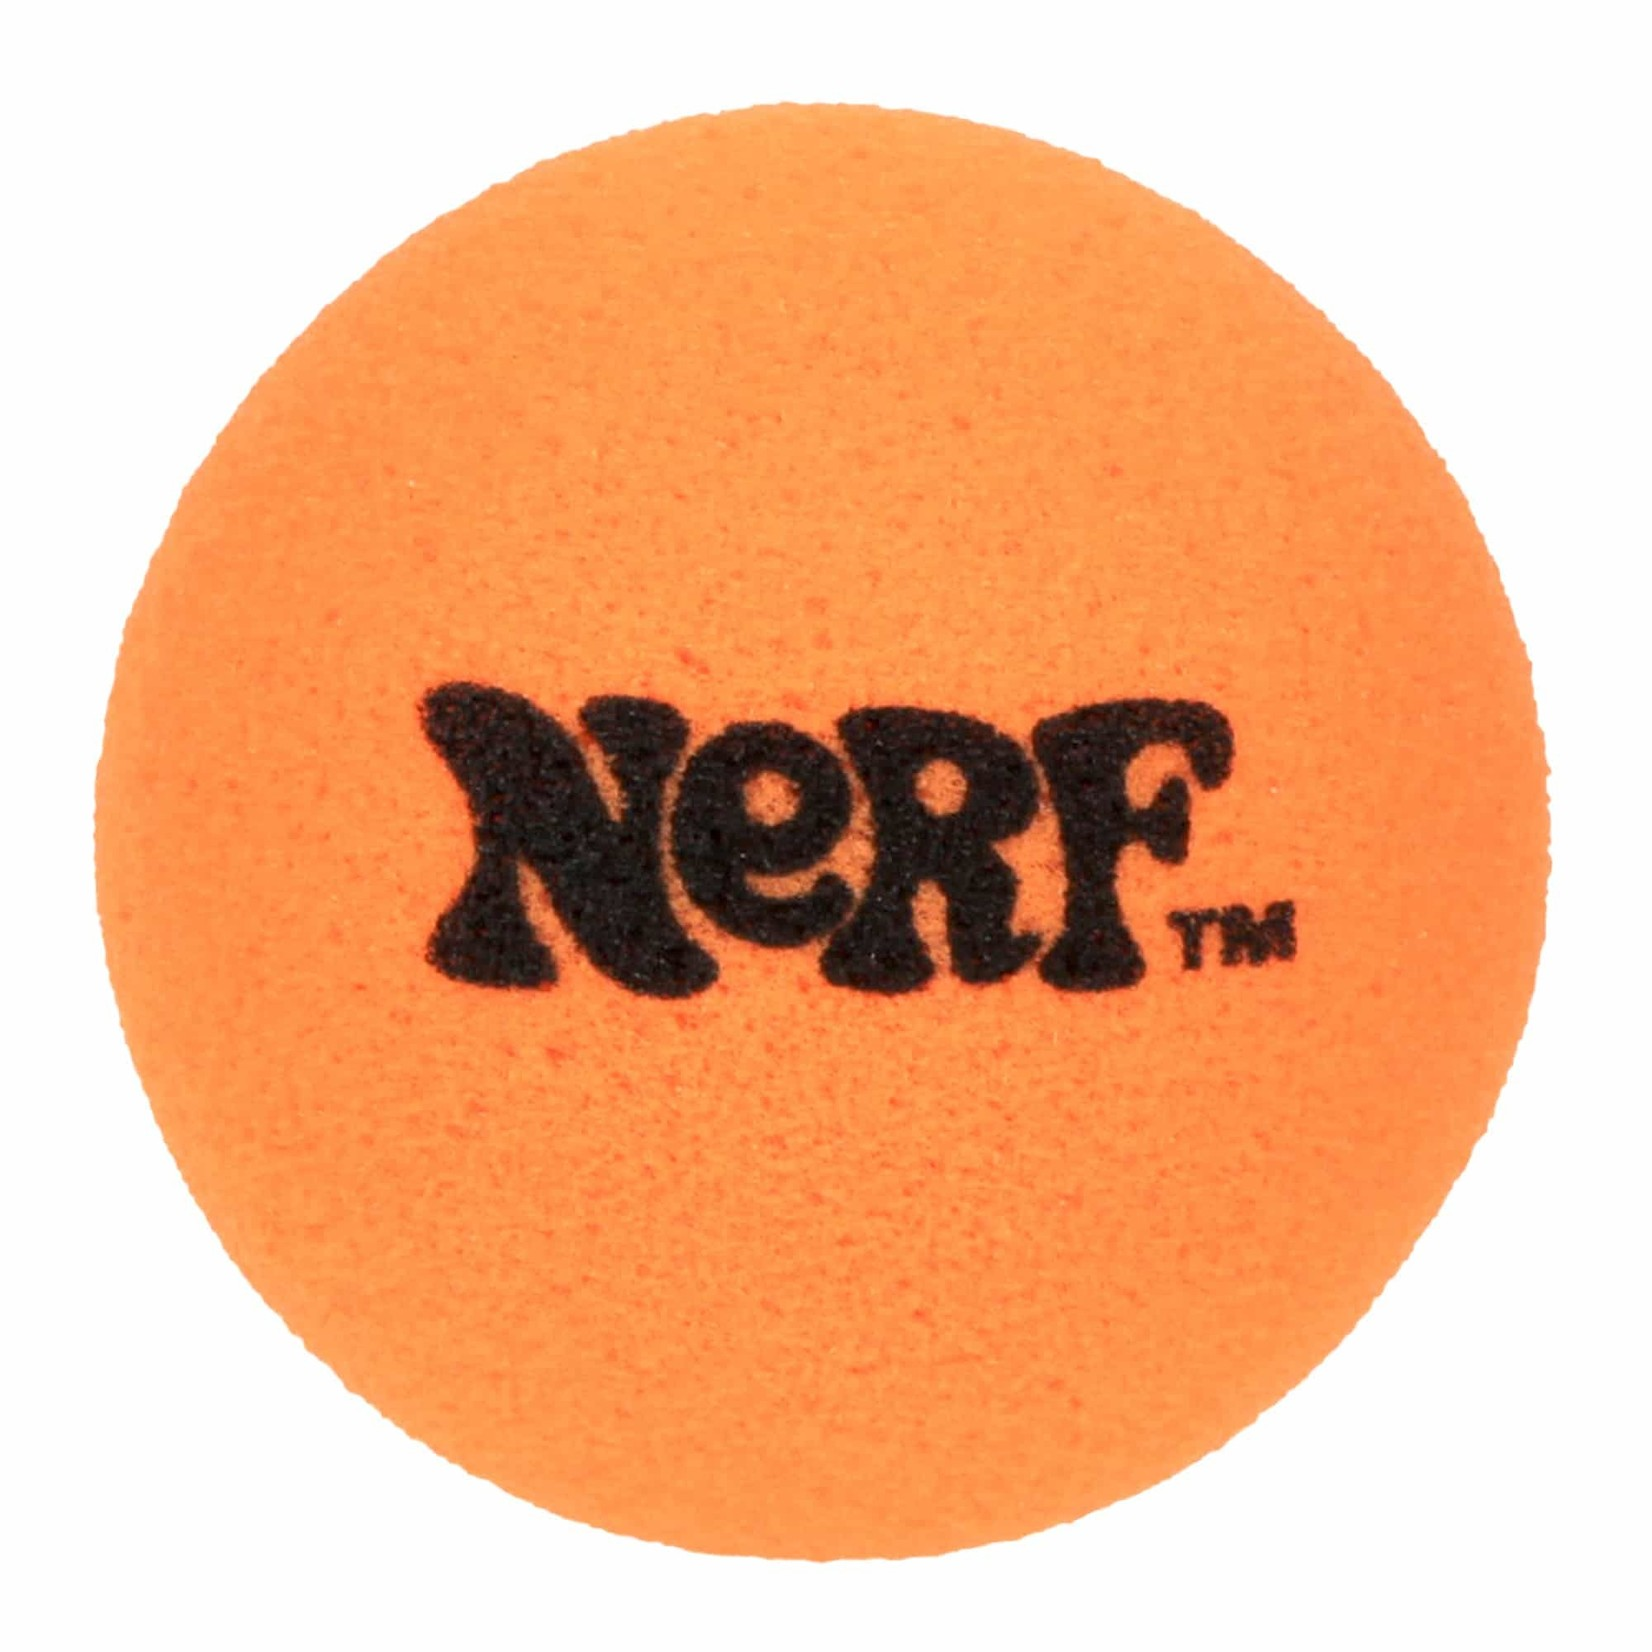 Nerf Original Nerf Ball